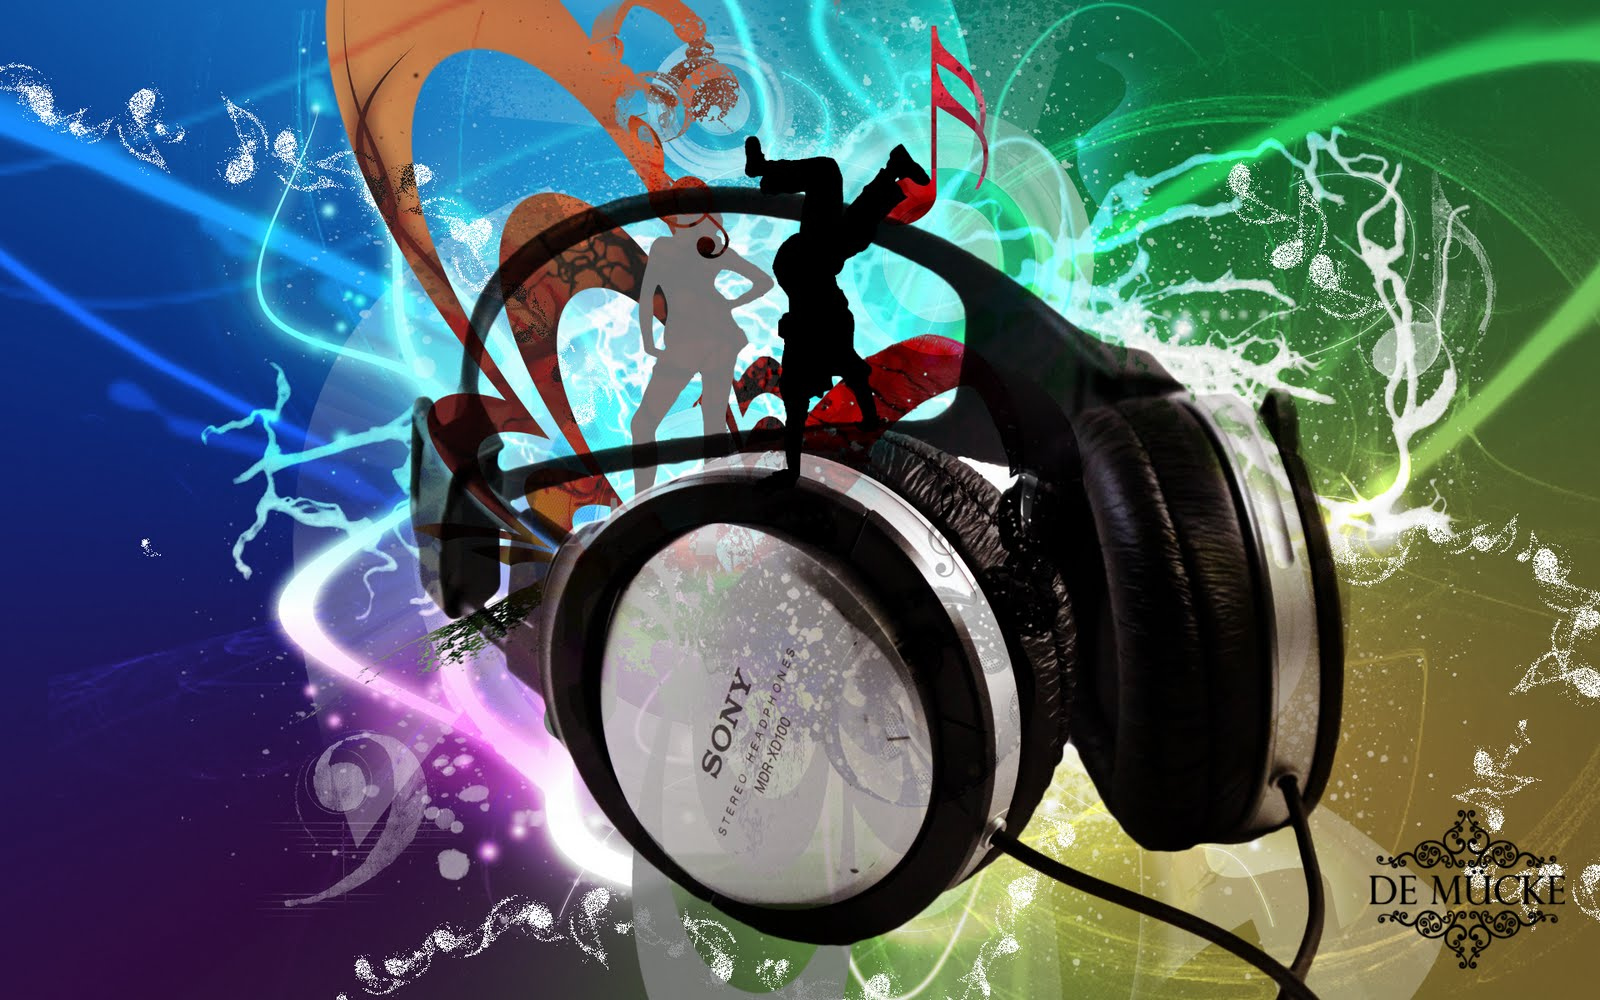 https://1.bp.blogspot.com/-AJNGeibV4jM/TwdDr6J5bfI/AAAAAAAAAdo/qCVFGsKsvZU/s1600/Popular%2BMusic%2BWallpapers%2BHD.jpg